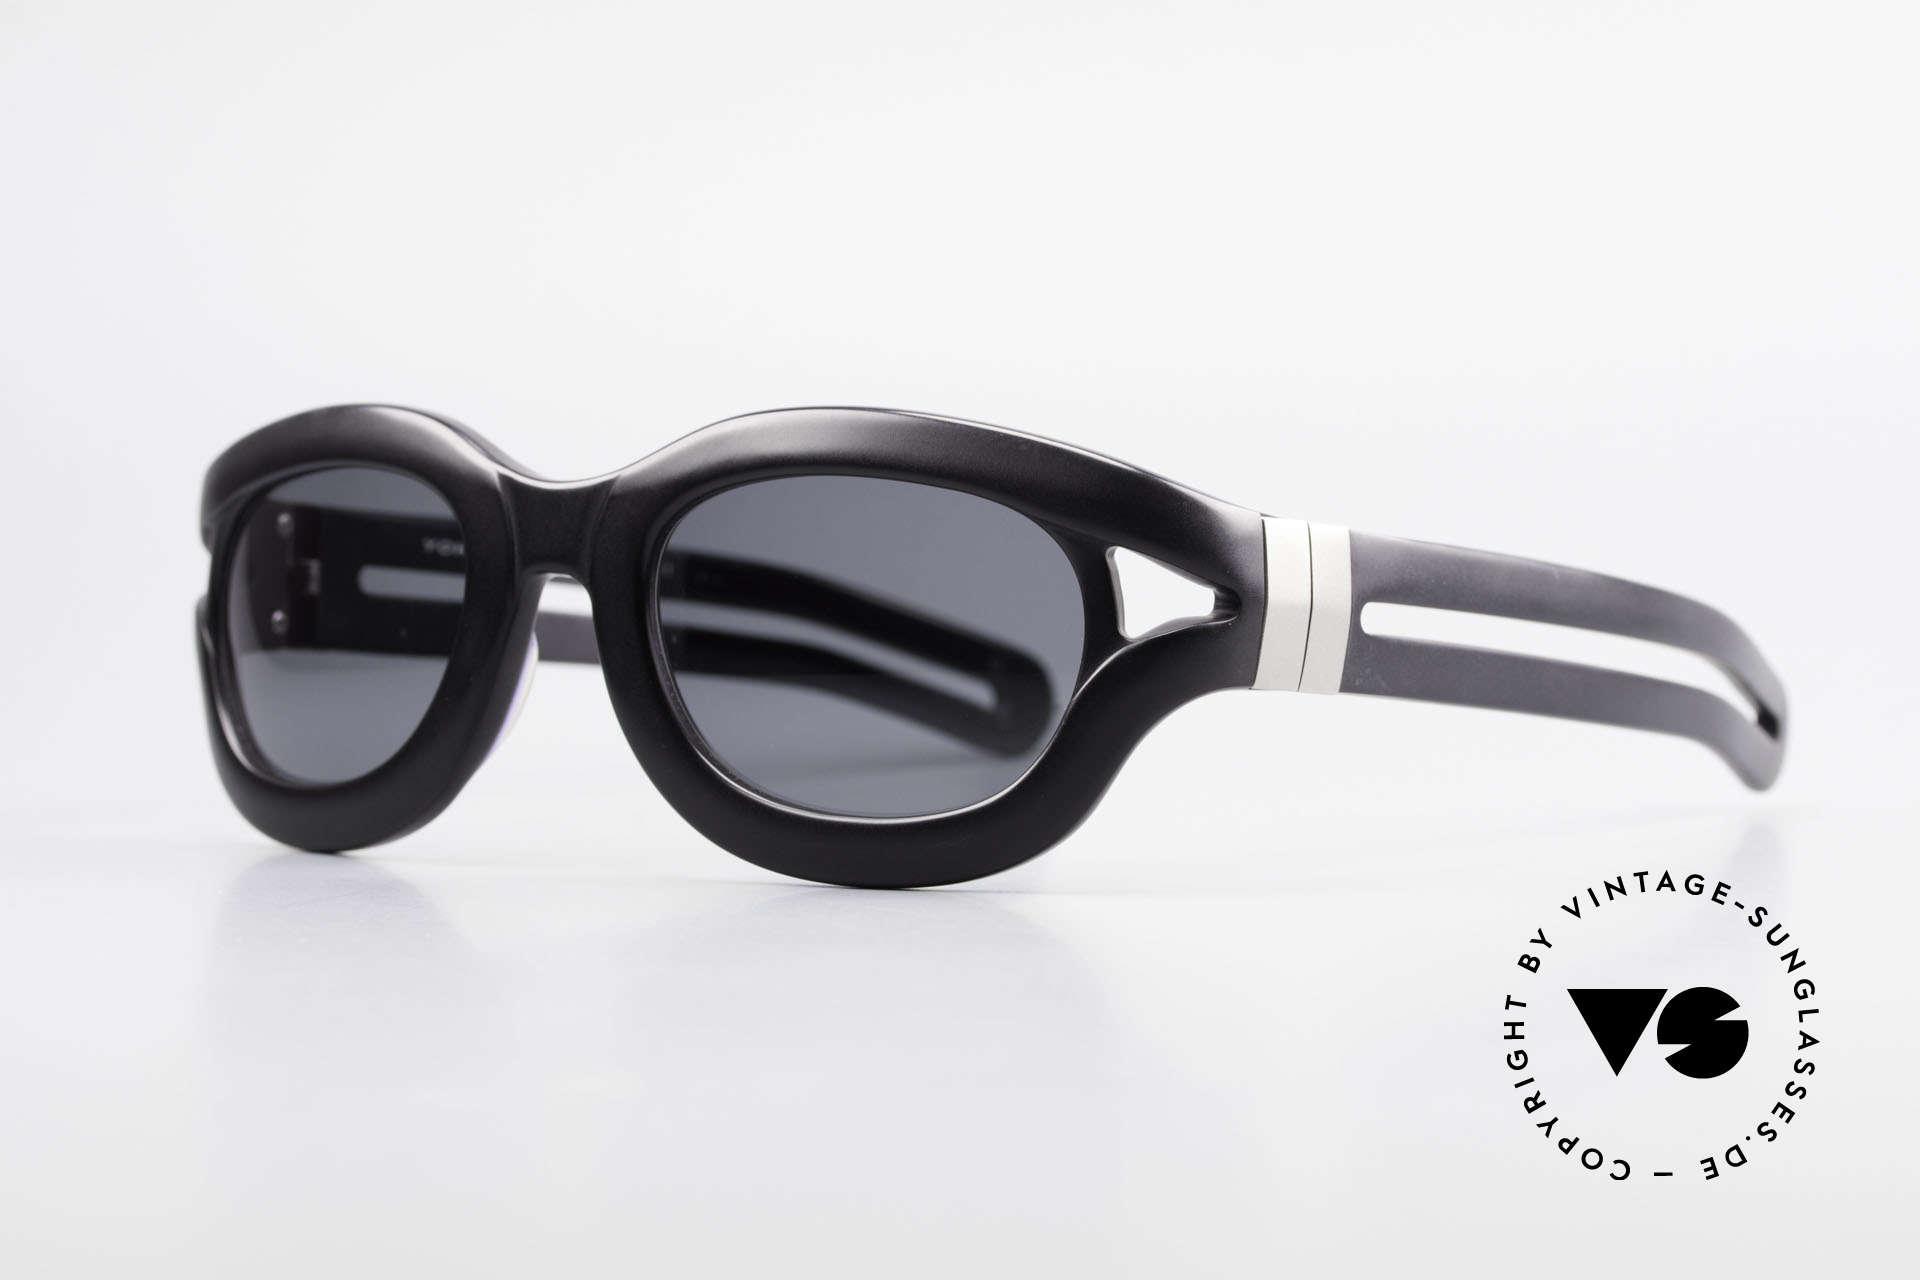 Yohji Yamamoto 52-6001 YY 90er Designer Sonnenbrille, und prächtige Designs (immer ein schicker Hingucker), Passend für Herren und Damen